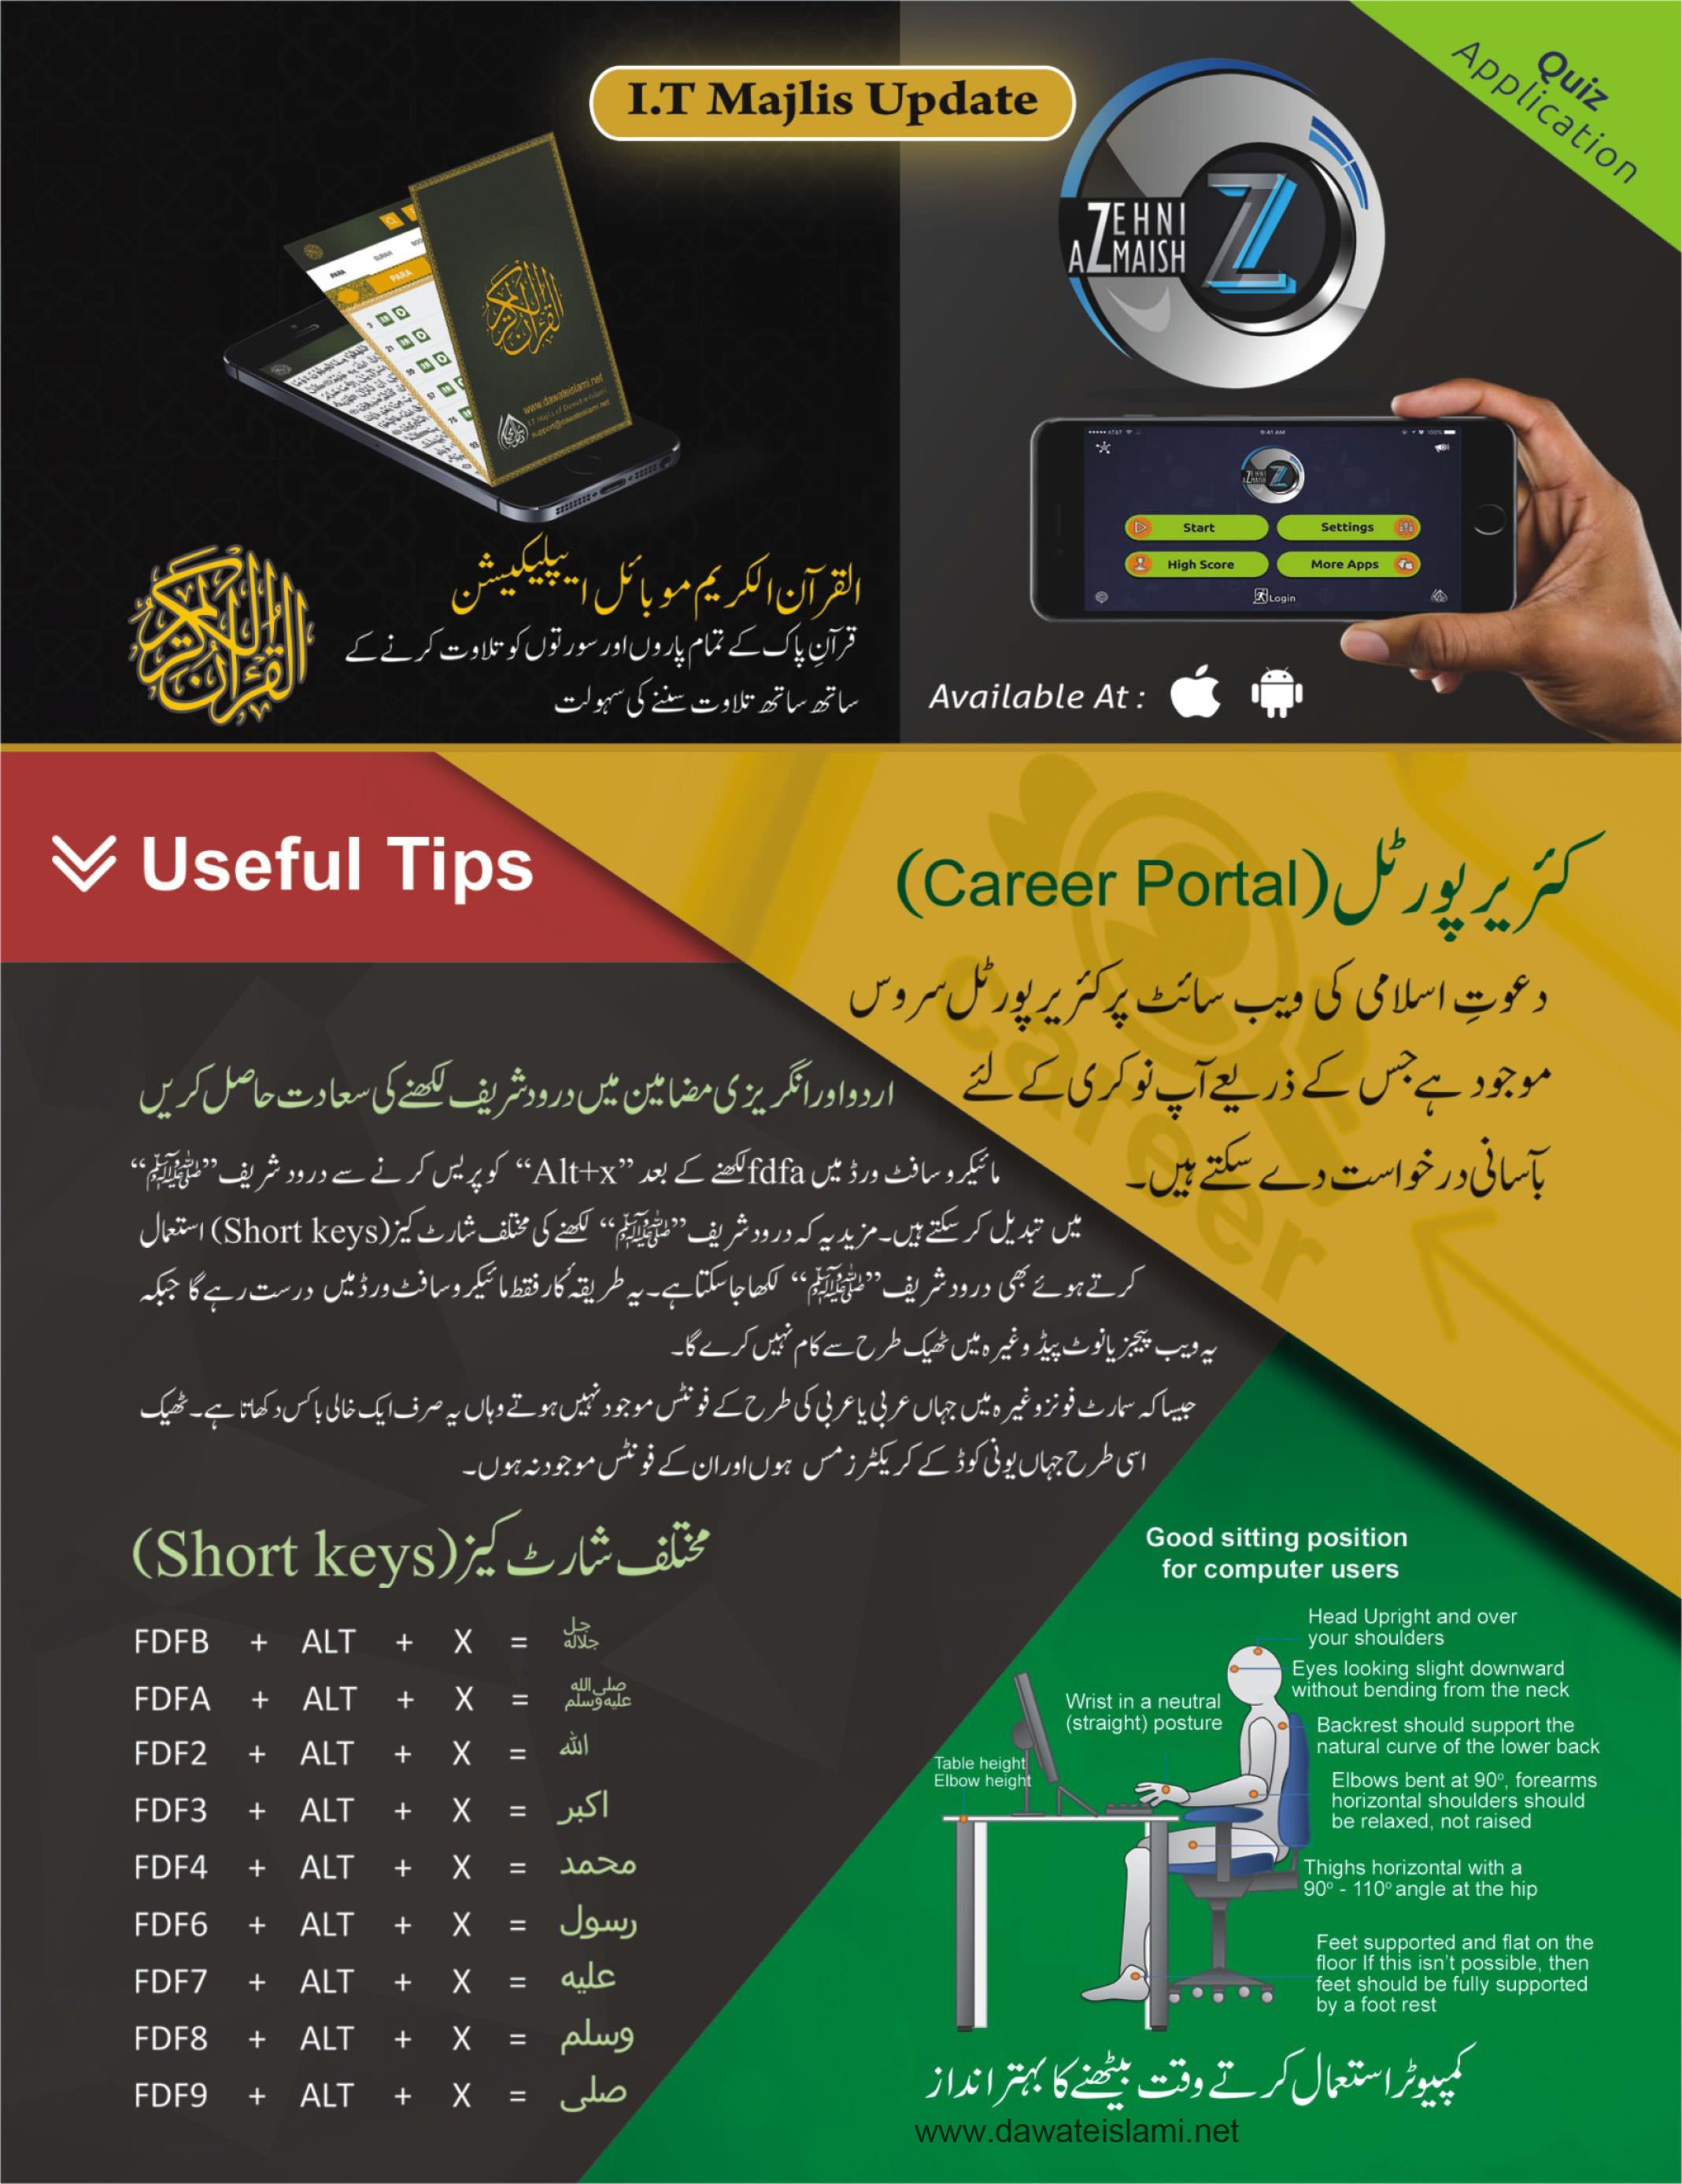 القرآن الکریم موبائل ایپلی کیشن/ ذہنی آزمائش کوئز ایپلی کیشن